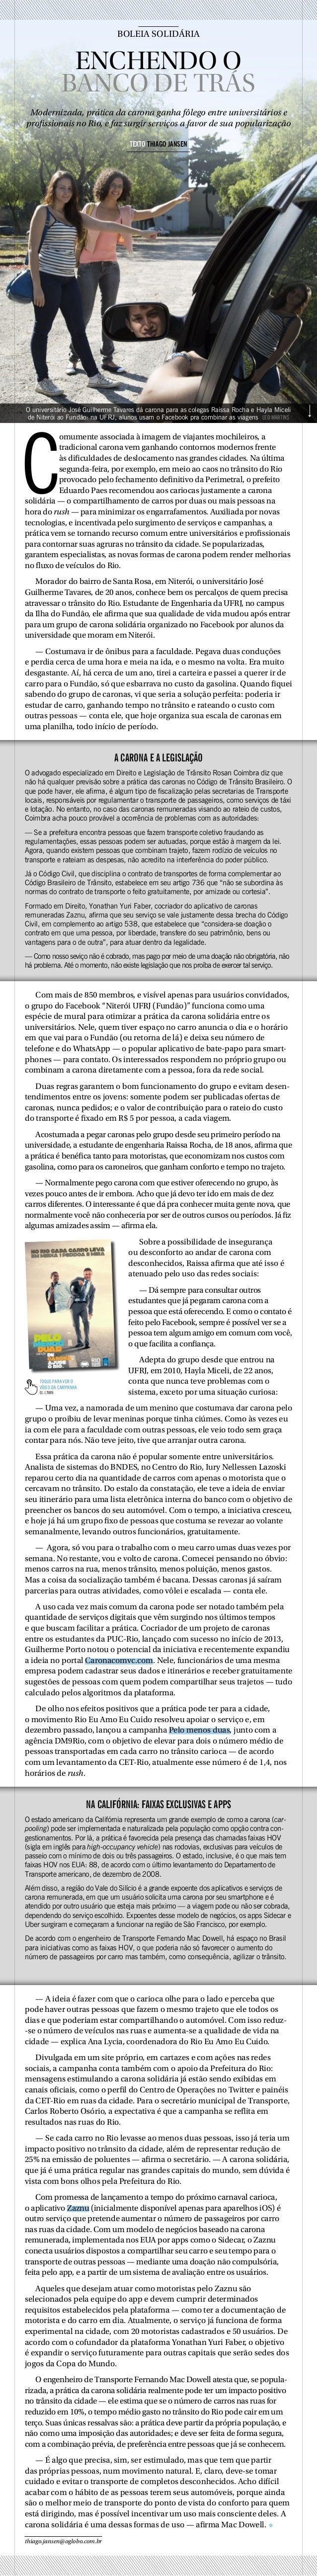 BOLEIA SOLIDÁRIA  ENCHENDO O BANCO DE TRÁS Modernizada, prática da carona ganha fôlego entre universitários e profissionai...